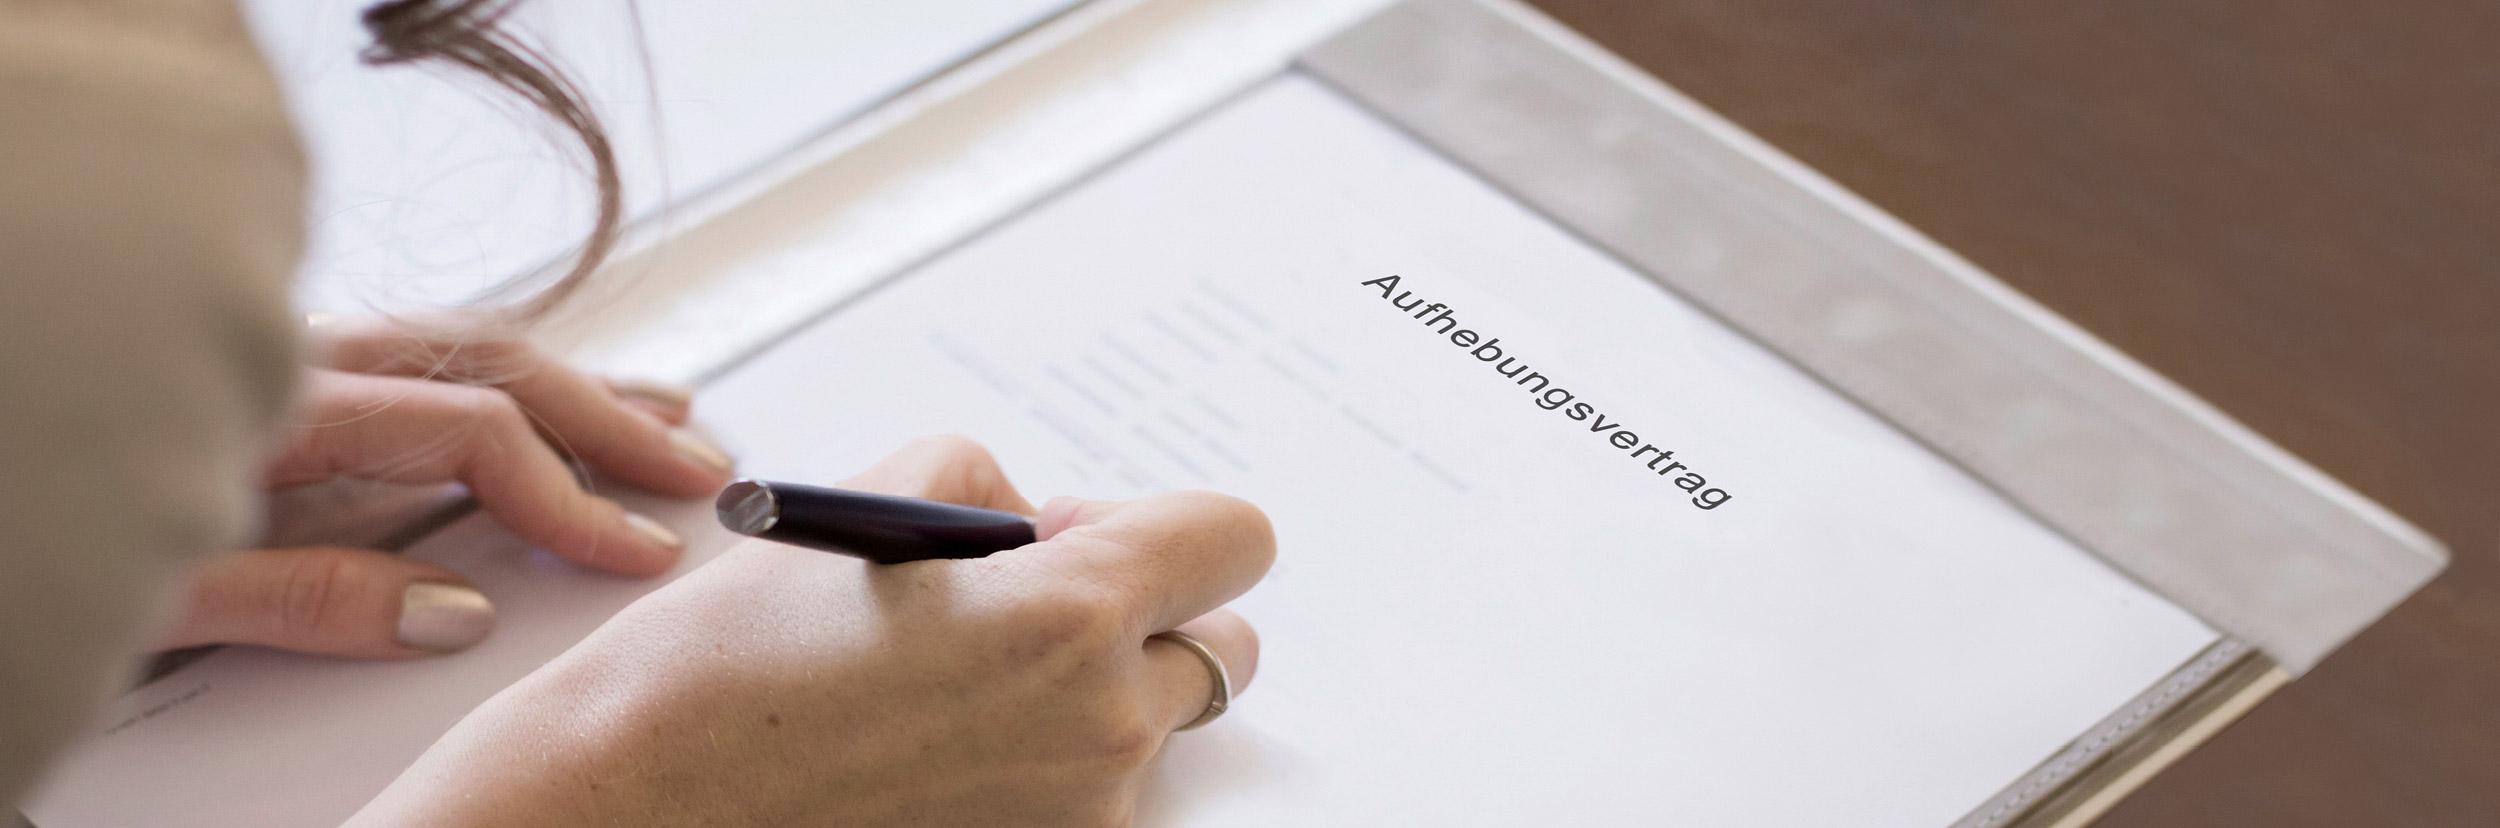 Advoteam-Rechtsanwaltskanzlei-Rechtsgebiet-Arbeitsrecht